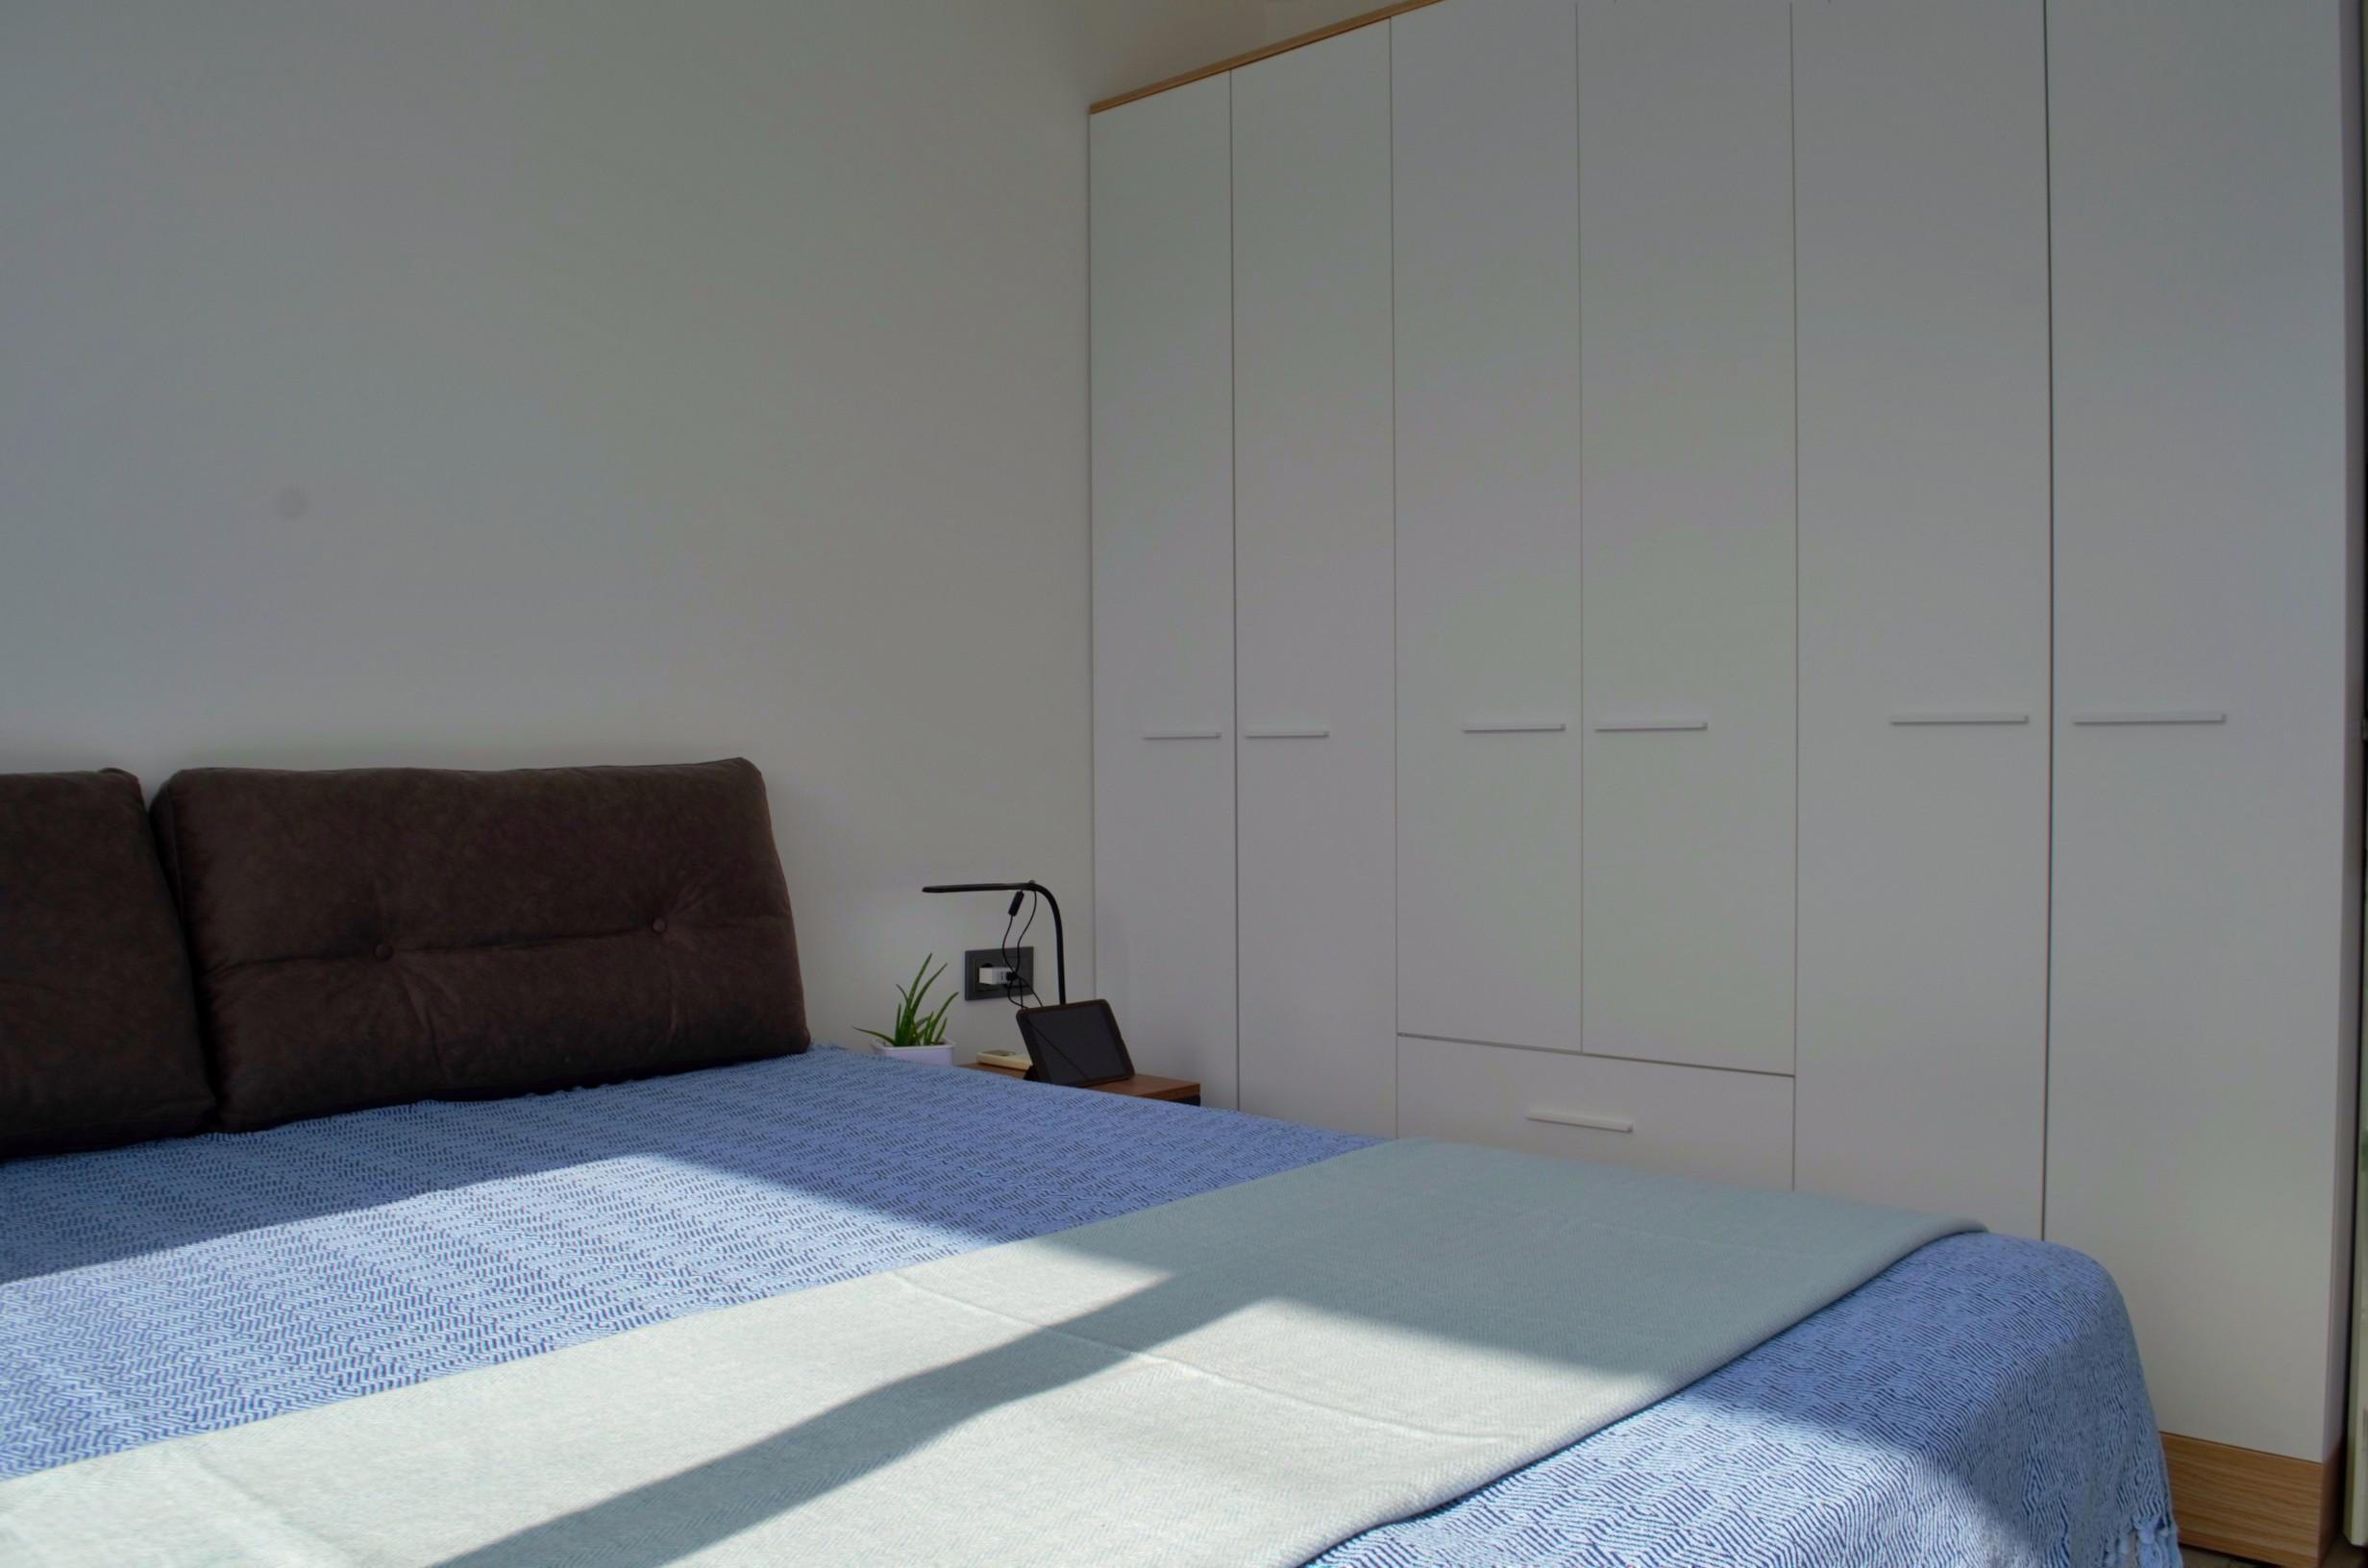 Меблированная квартира 1+1 в комплексе с инфраструктурой - Фото 37